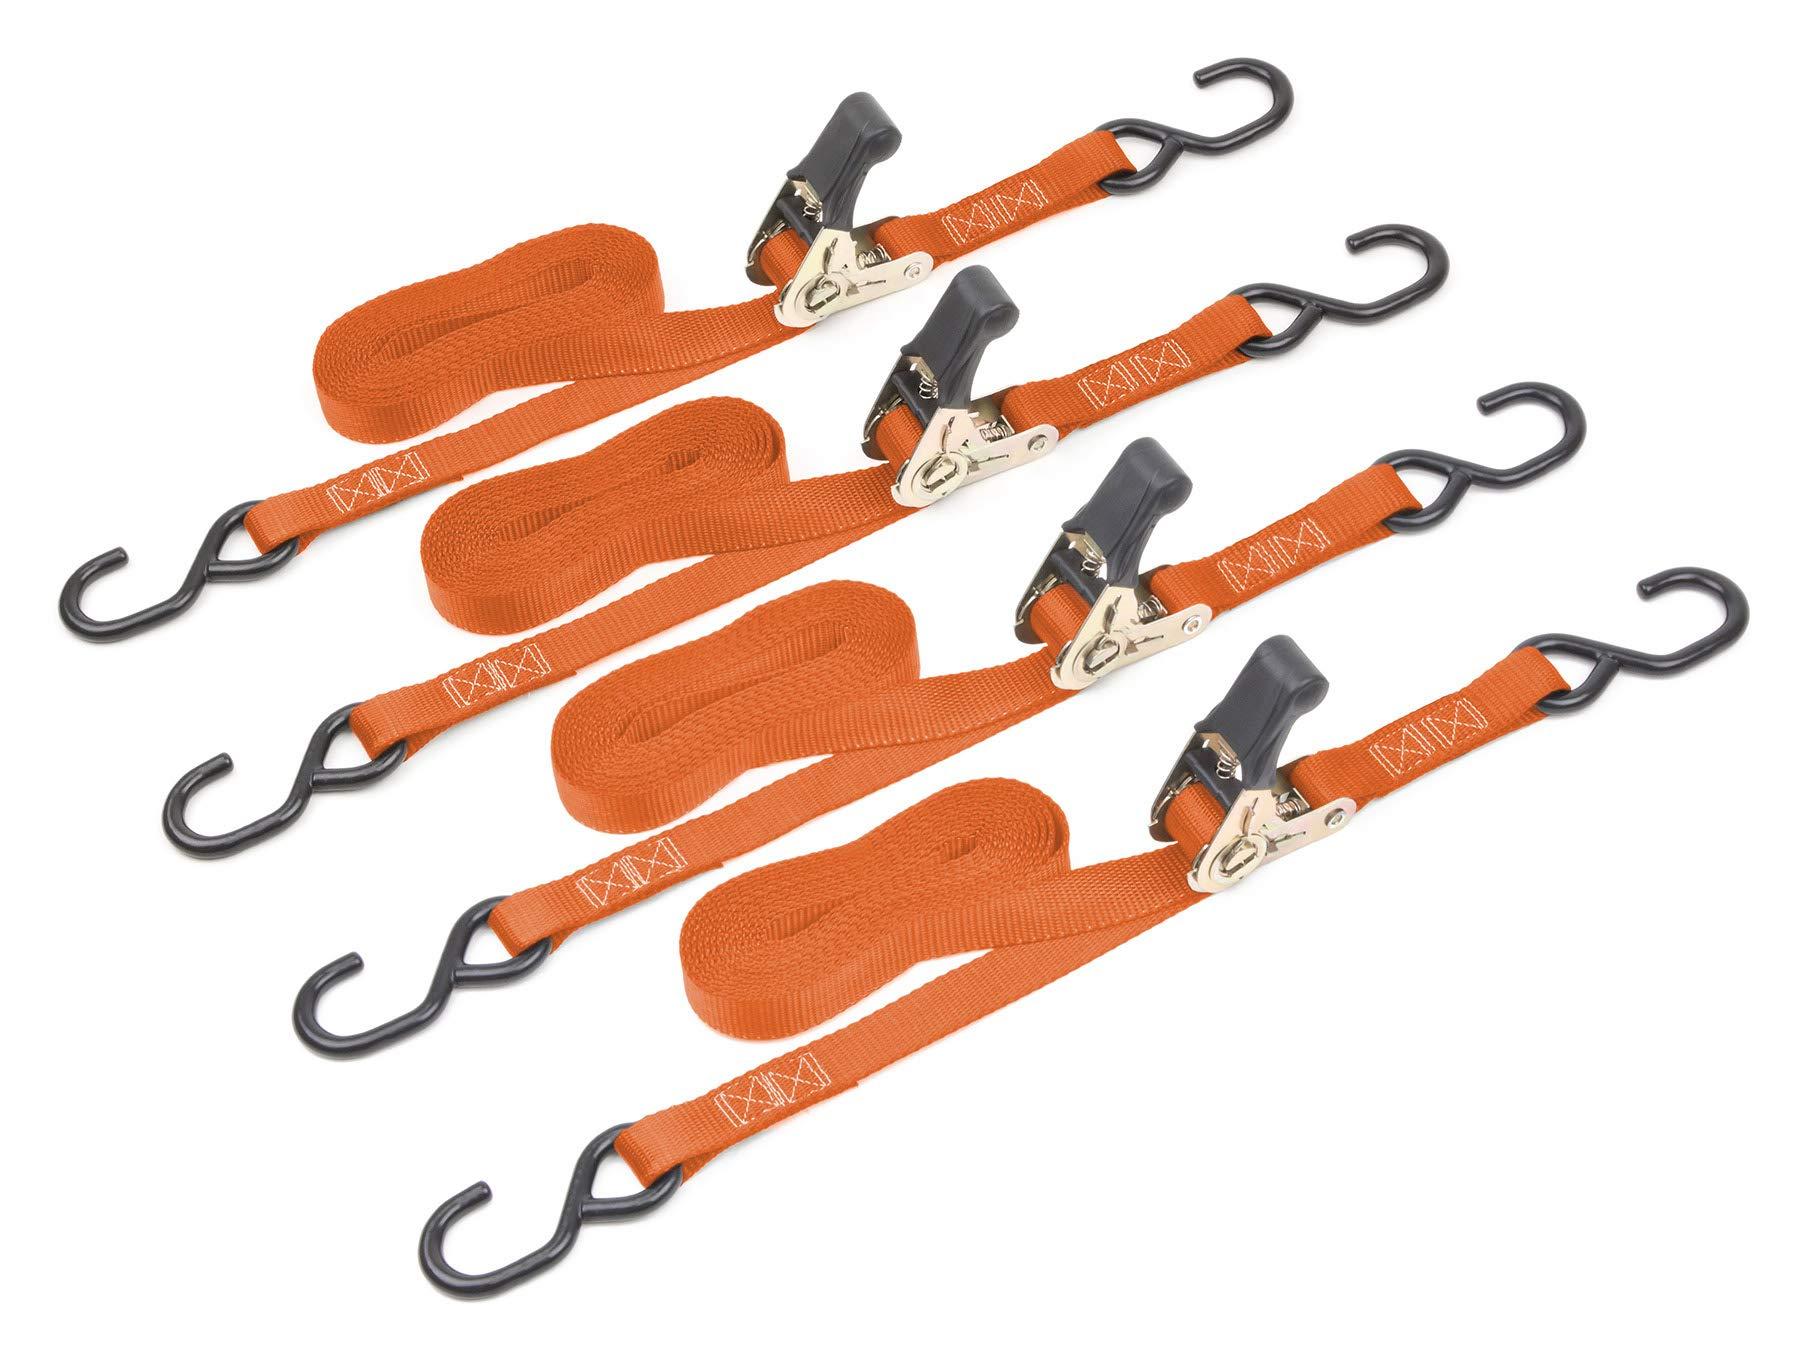 Powertye Mfg 1'' x 15ft Easy-Grip Ratchet Tie-Downs with 4in S-Hooks, Orange, 4-Pack by Powertye